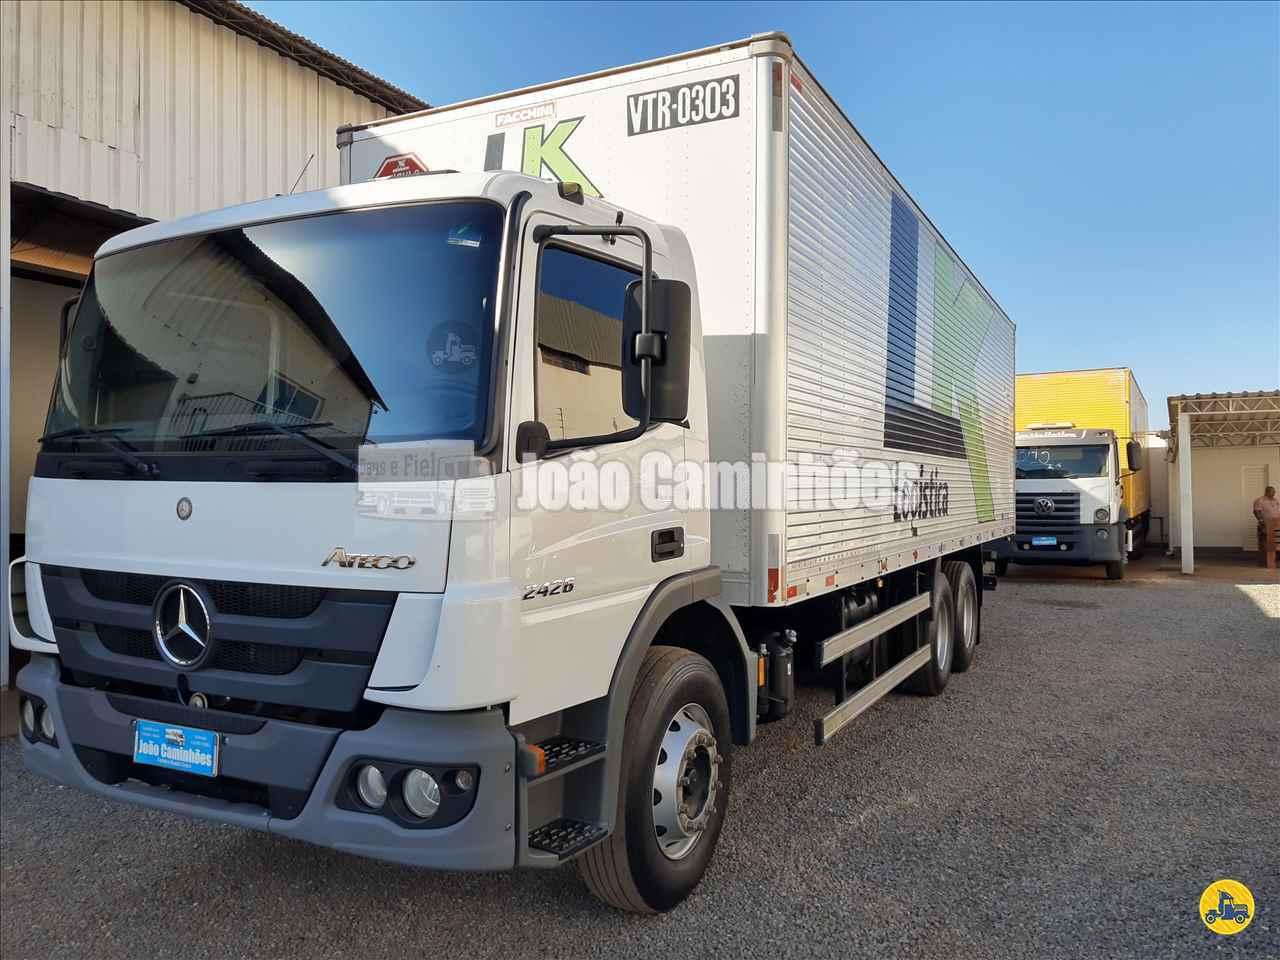 CAMINHAO MERCEDES-BENZ MB 2426 Baú Furgão Truck 6x2 João Caminhões BRASILIA DISTRITO FEDERAL DF